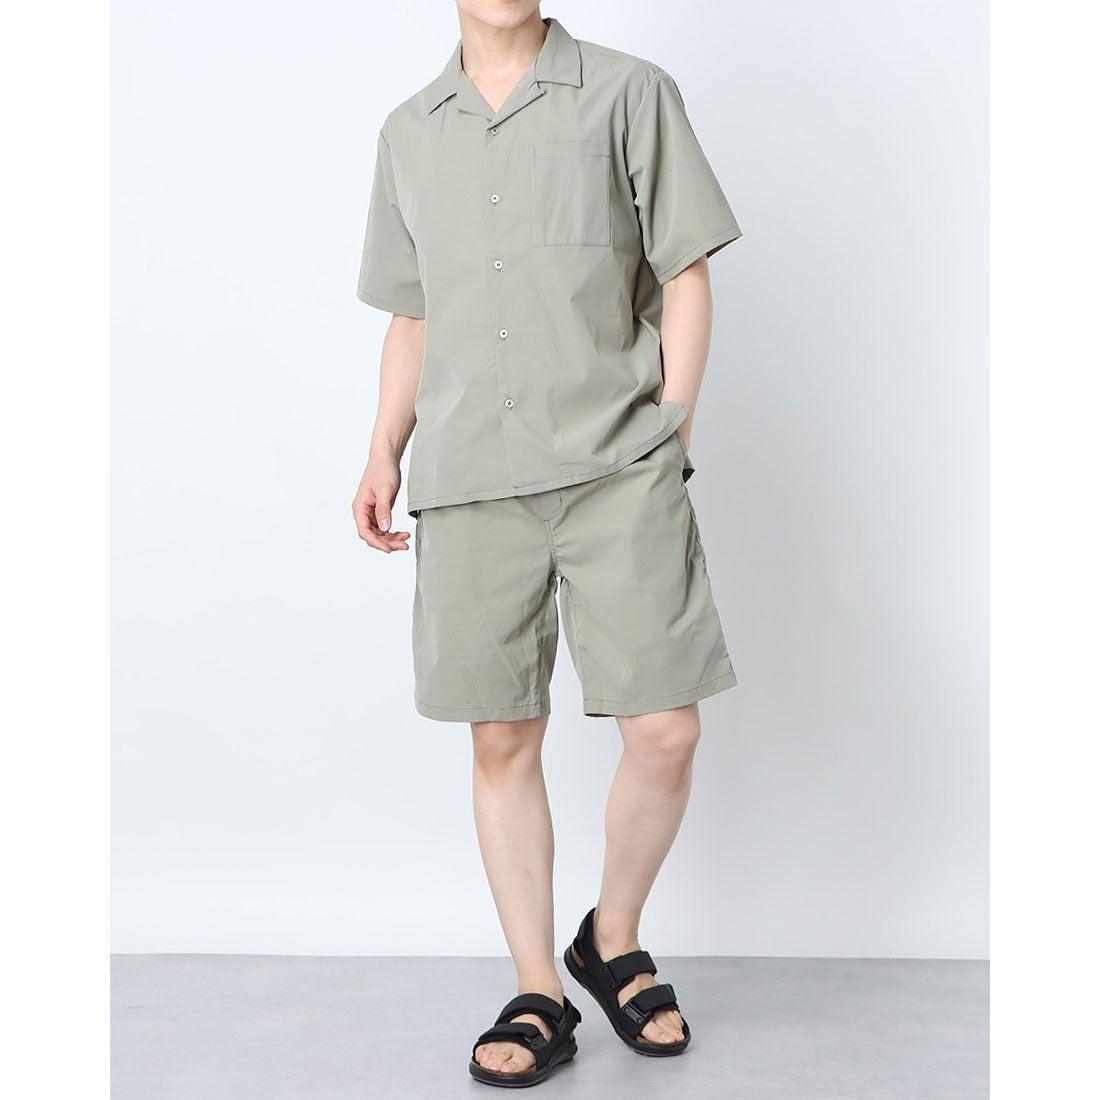 ロコンド 靴とファッションの通販サイトスタイルブロック STYLEBLOCK 3点セット半袖セットアップ (グレージュ)